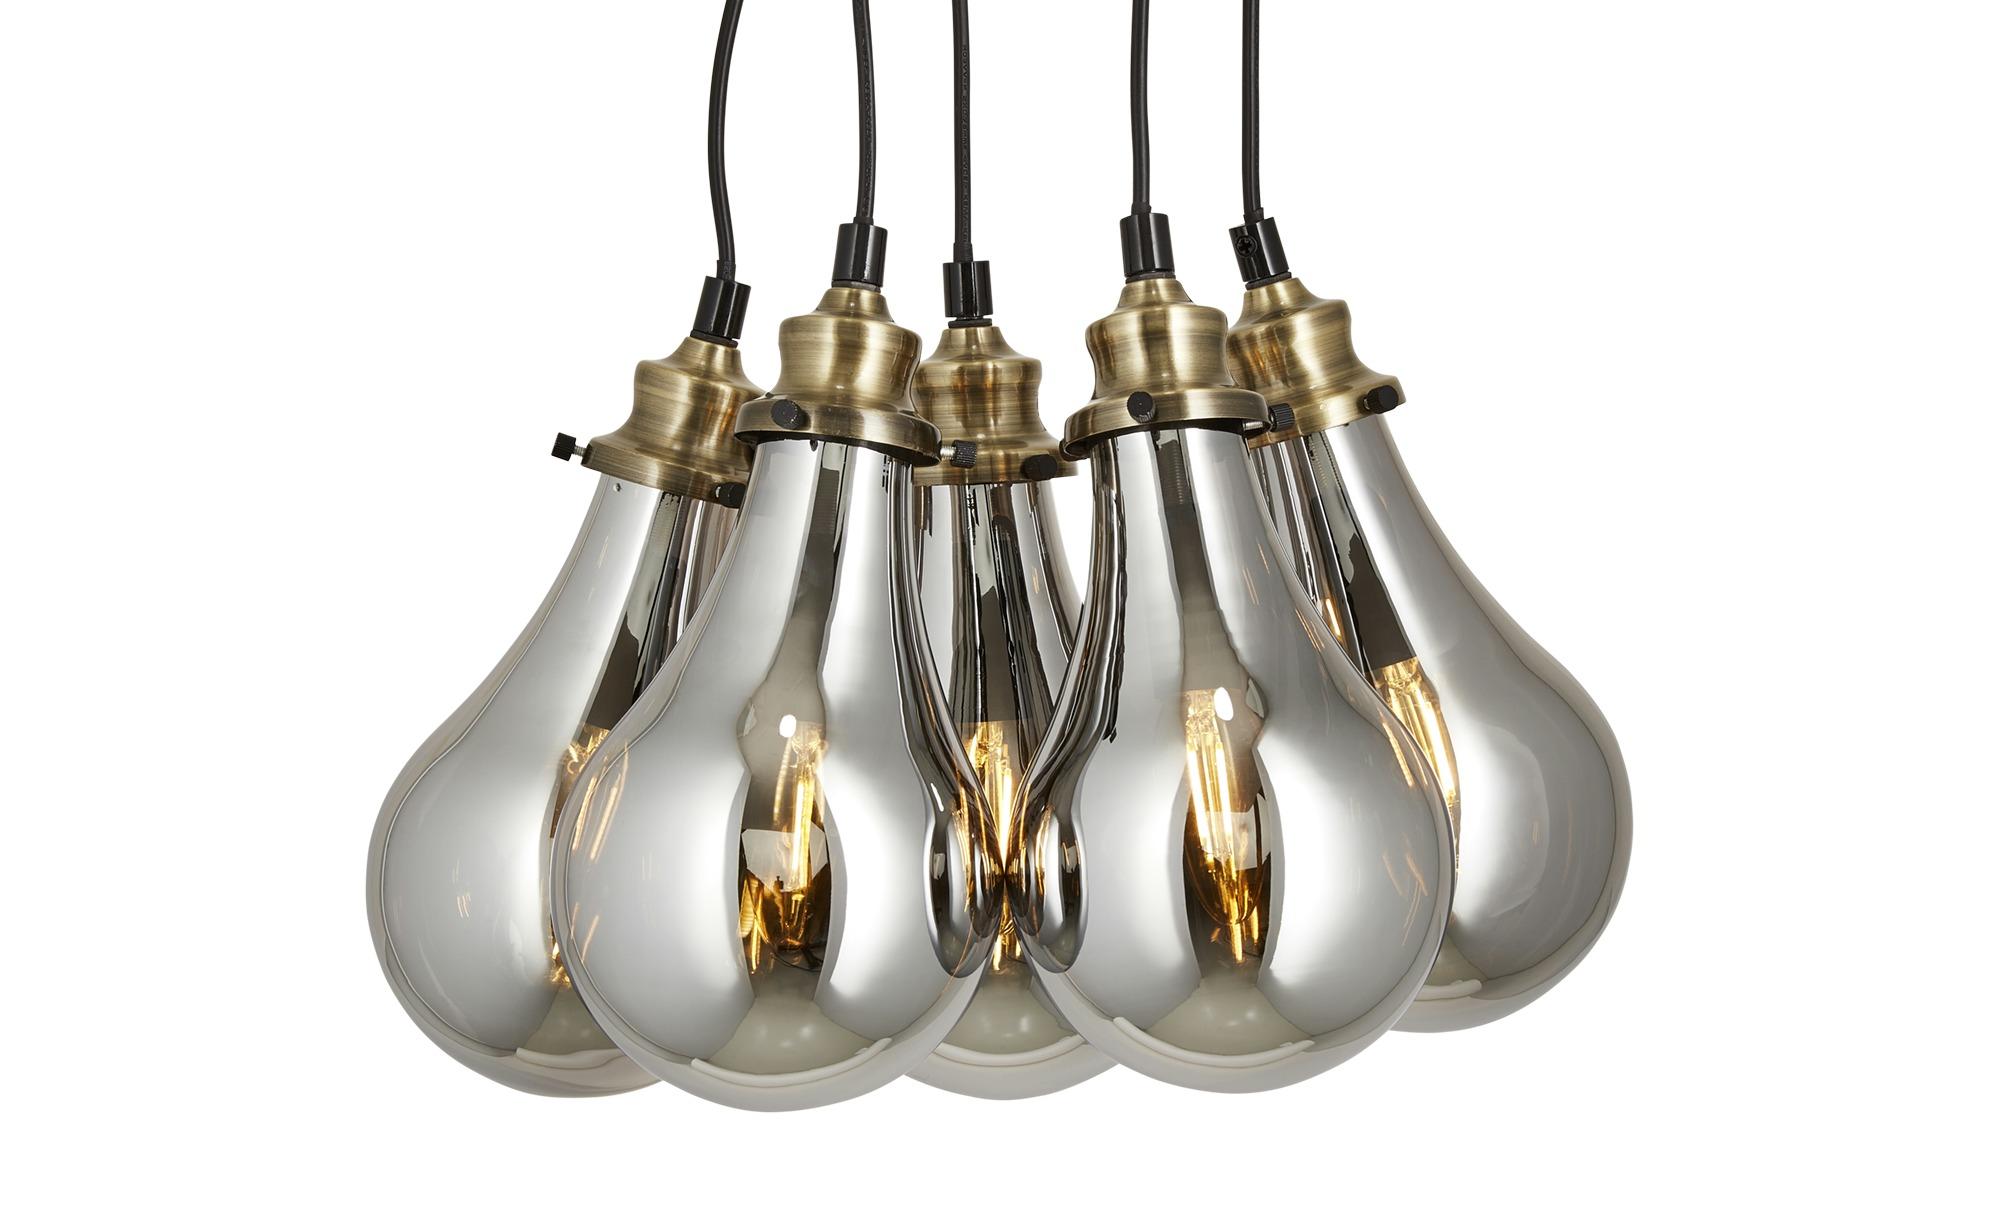 HOME STORY Pendelleuchte, 5-flammig ¦ gold ¦ Maße (cm): B: 35 H: 130 Lampen & Leuchten > Innenleuchten > Pendelleuchten - Höffner